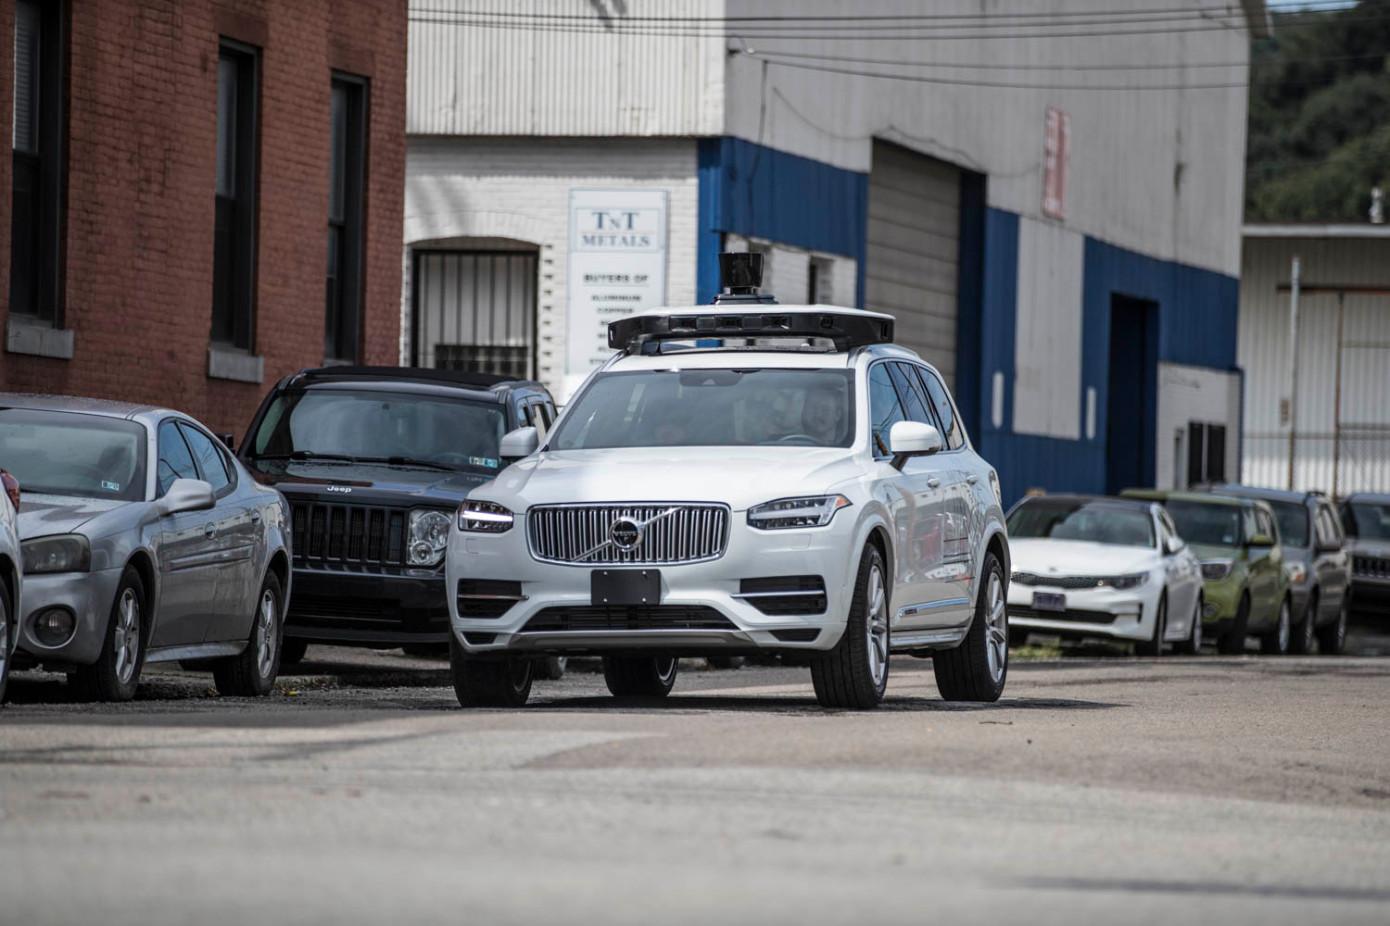 优步颁发了在加州公共道路上测试自动驾驶车辆的许可